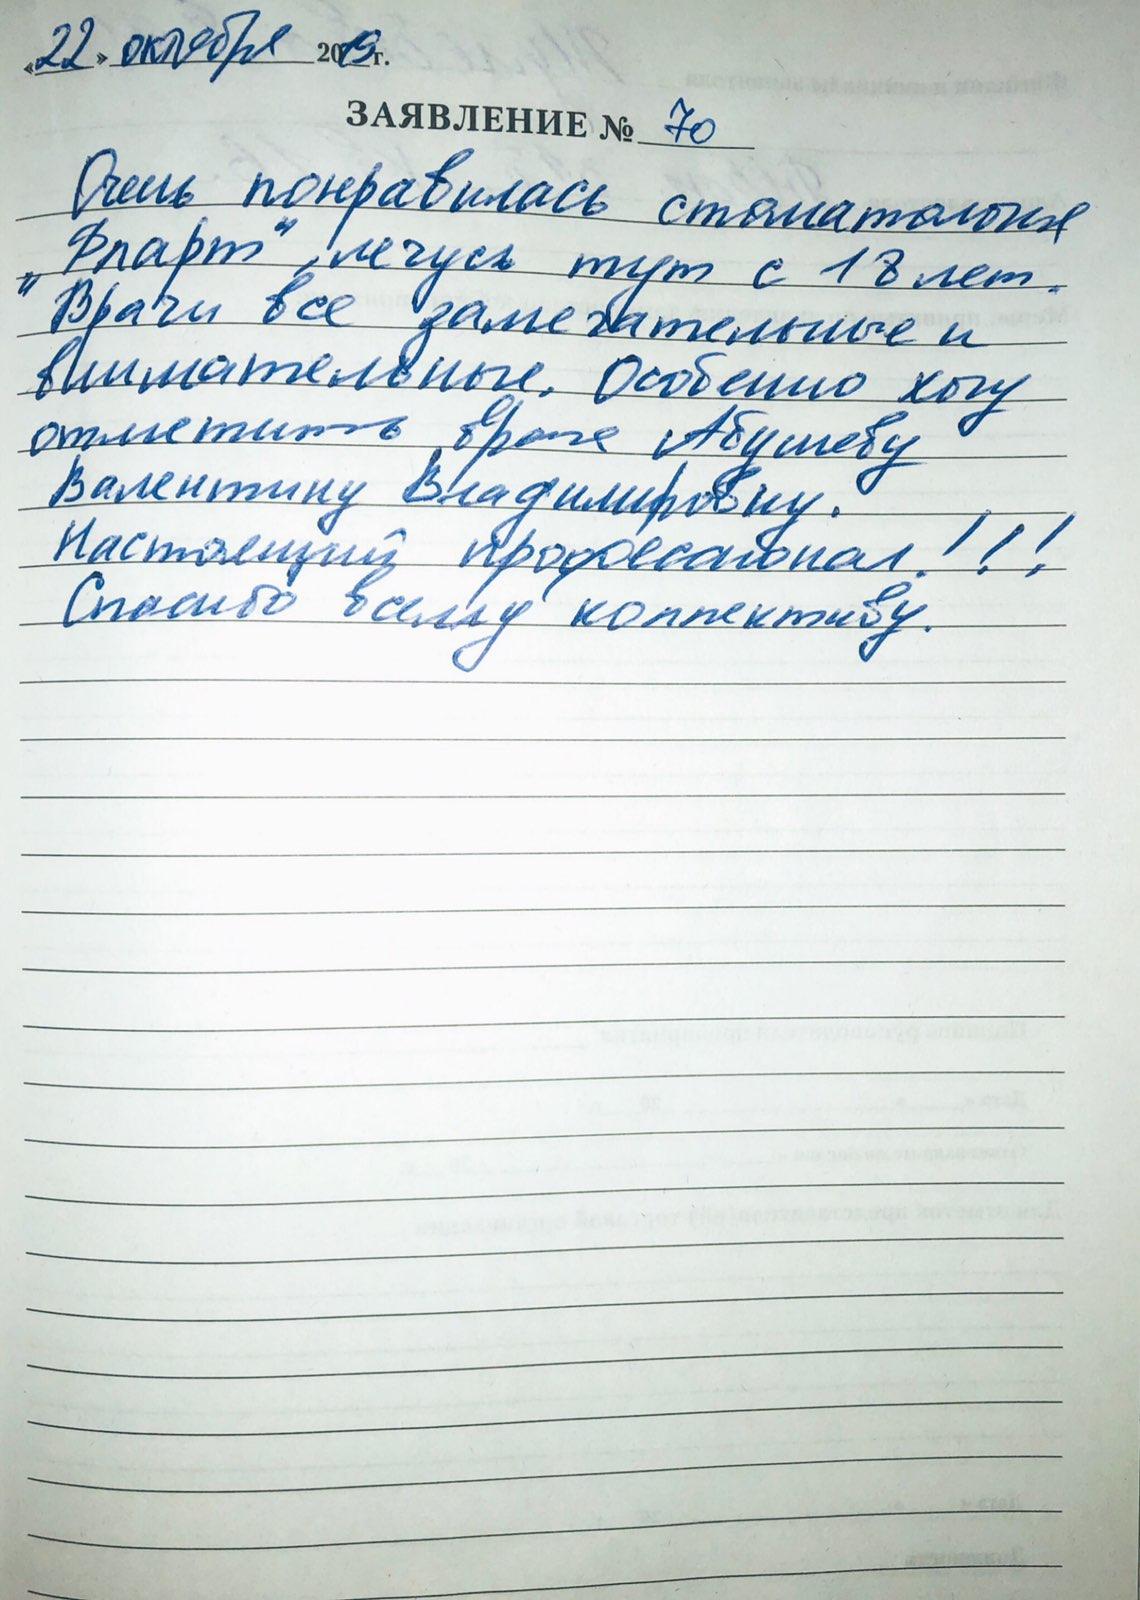 <em>Редактировать Отзыв</em> Елена Игоревна. Стоматология Фларт